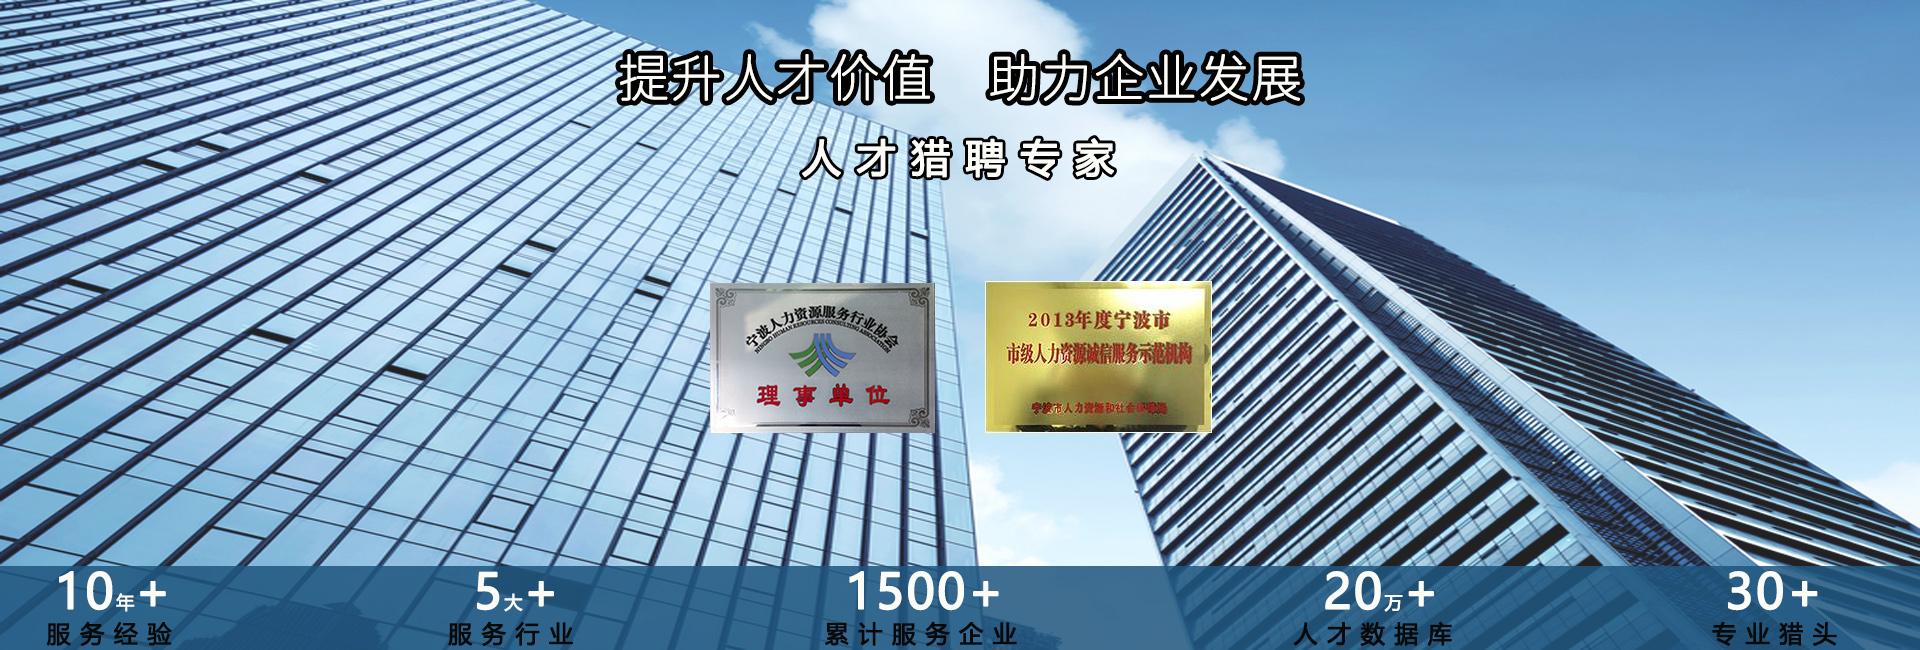 http://www.genchina.net/uploads/191209/2-191209114PW18.jpg